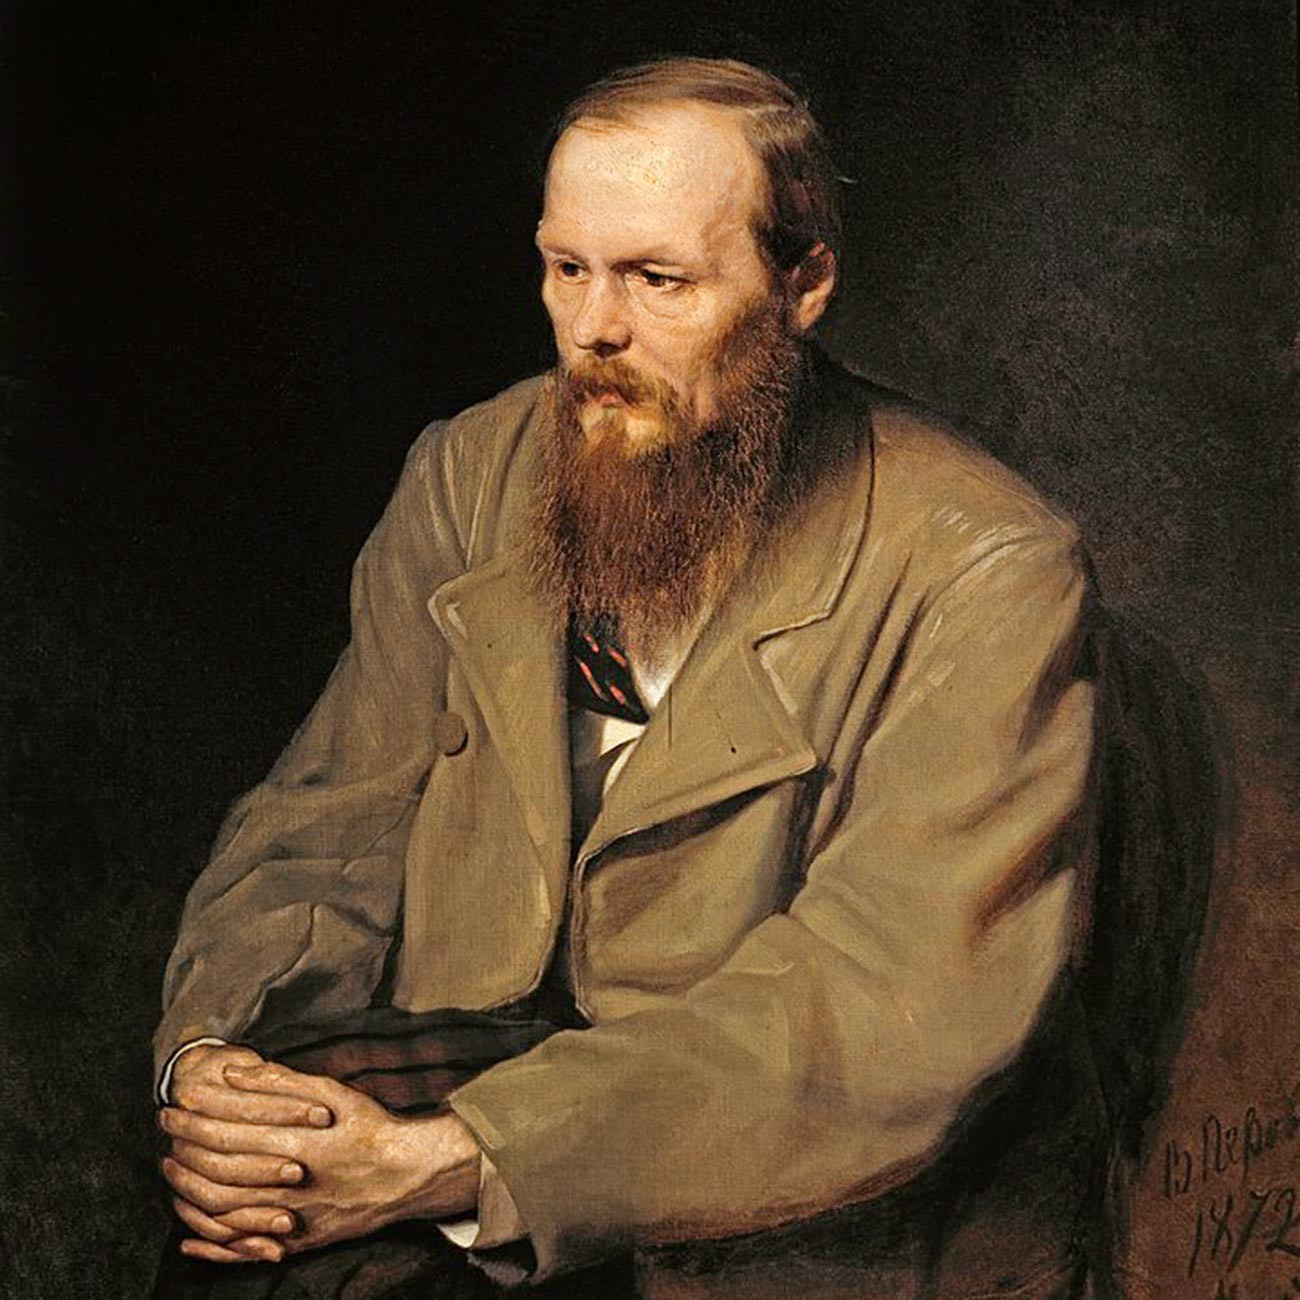 Ein Porträt von Fjodor Dostojewski.